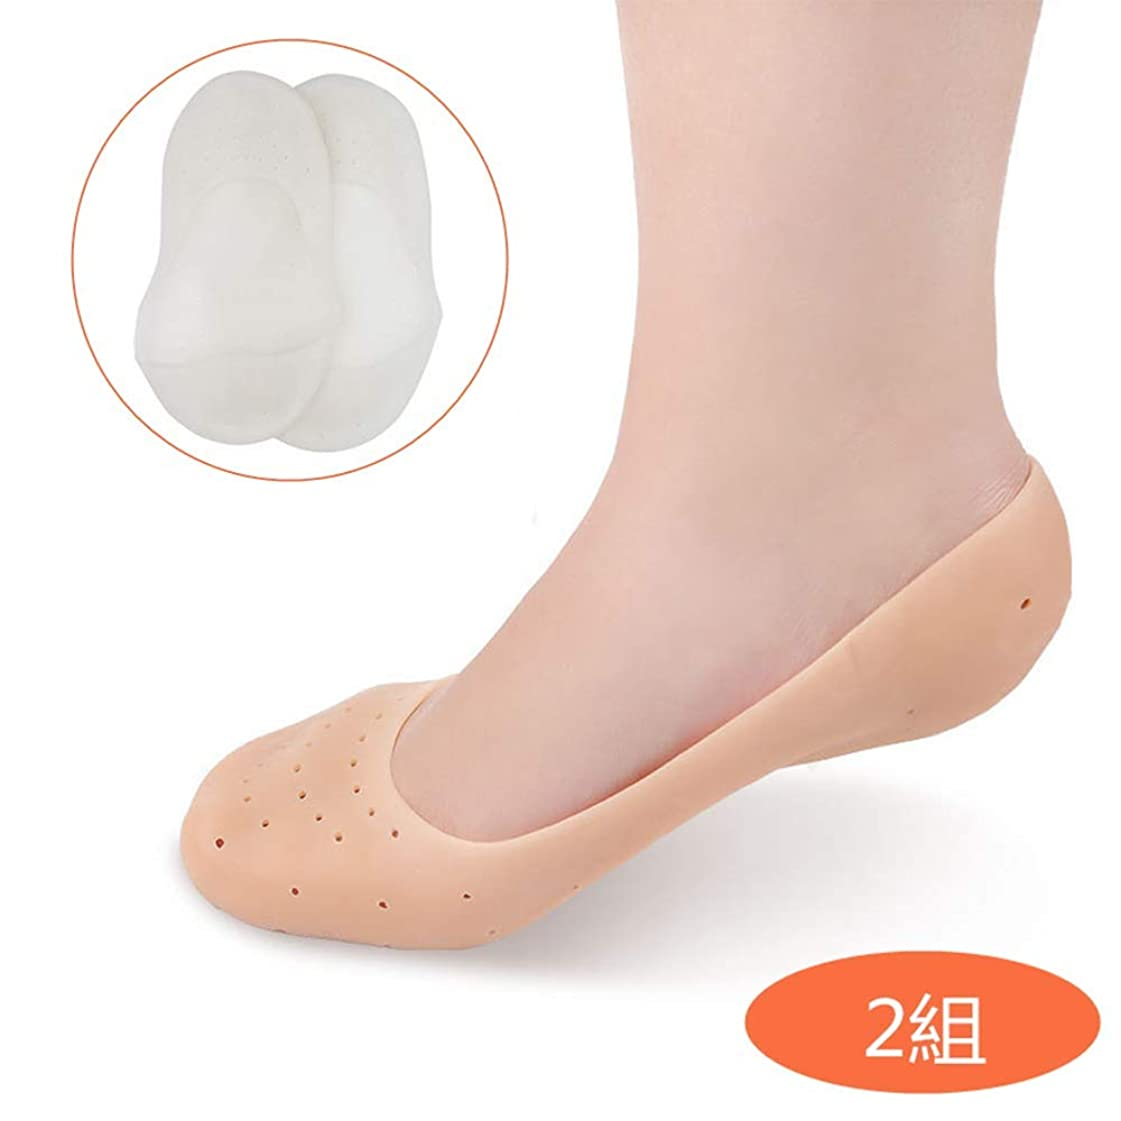 くつろぎ故障砲撃シリコンソックス 靴下 かかとケア ヒールクラック防止 足ケア 保湿 角質ケア 皮膚保護 痛みの緩和 快適 通気性 男女兼用 (2組)